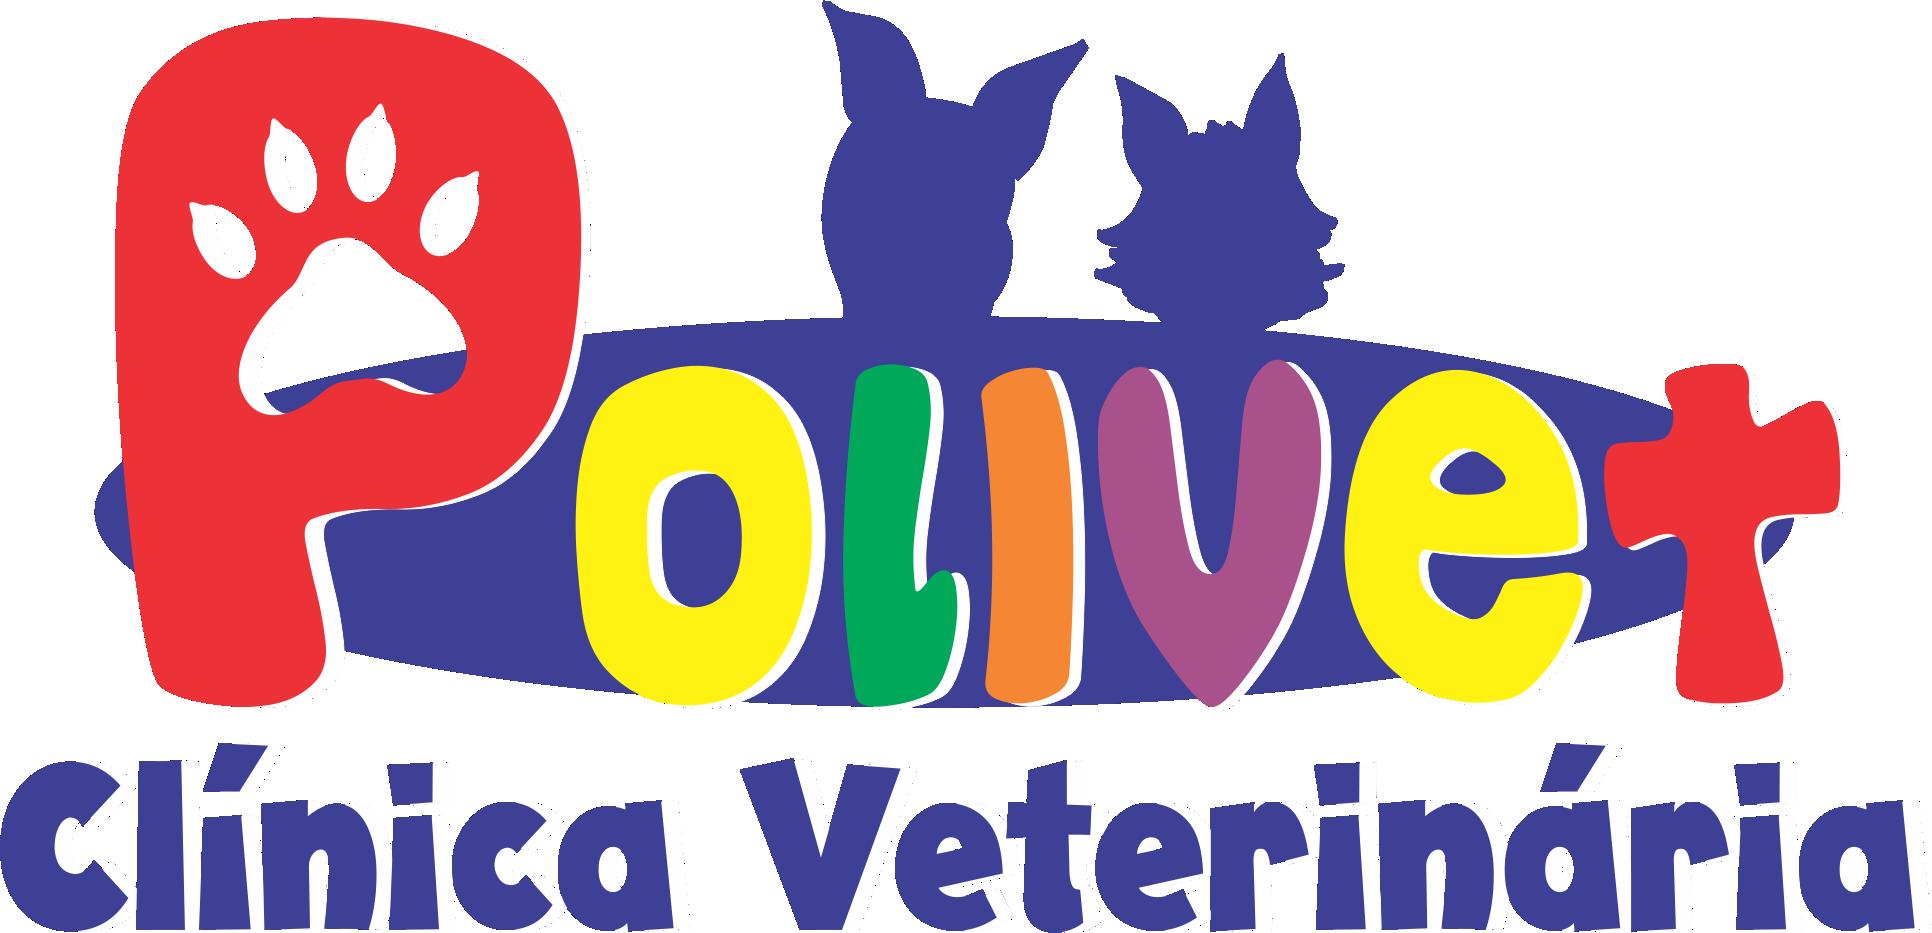 Clínica Veterinária Polivet em sjc